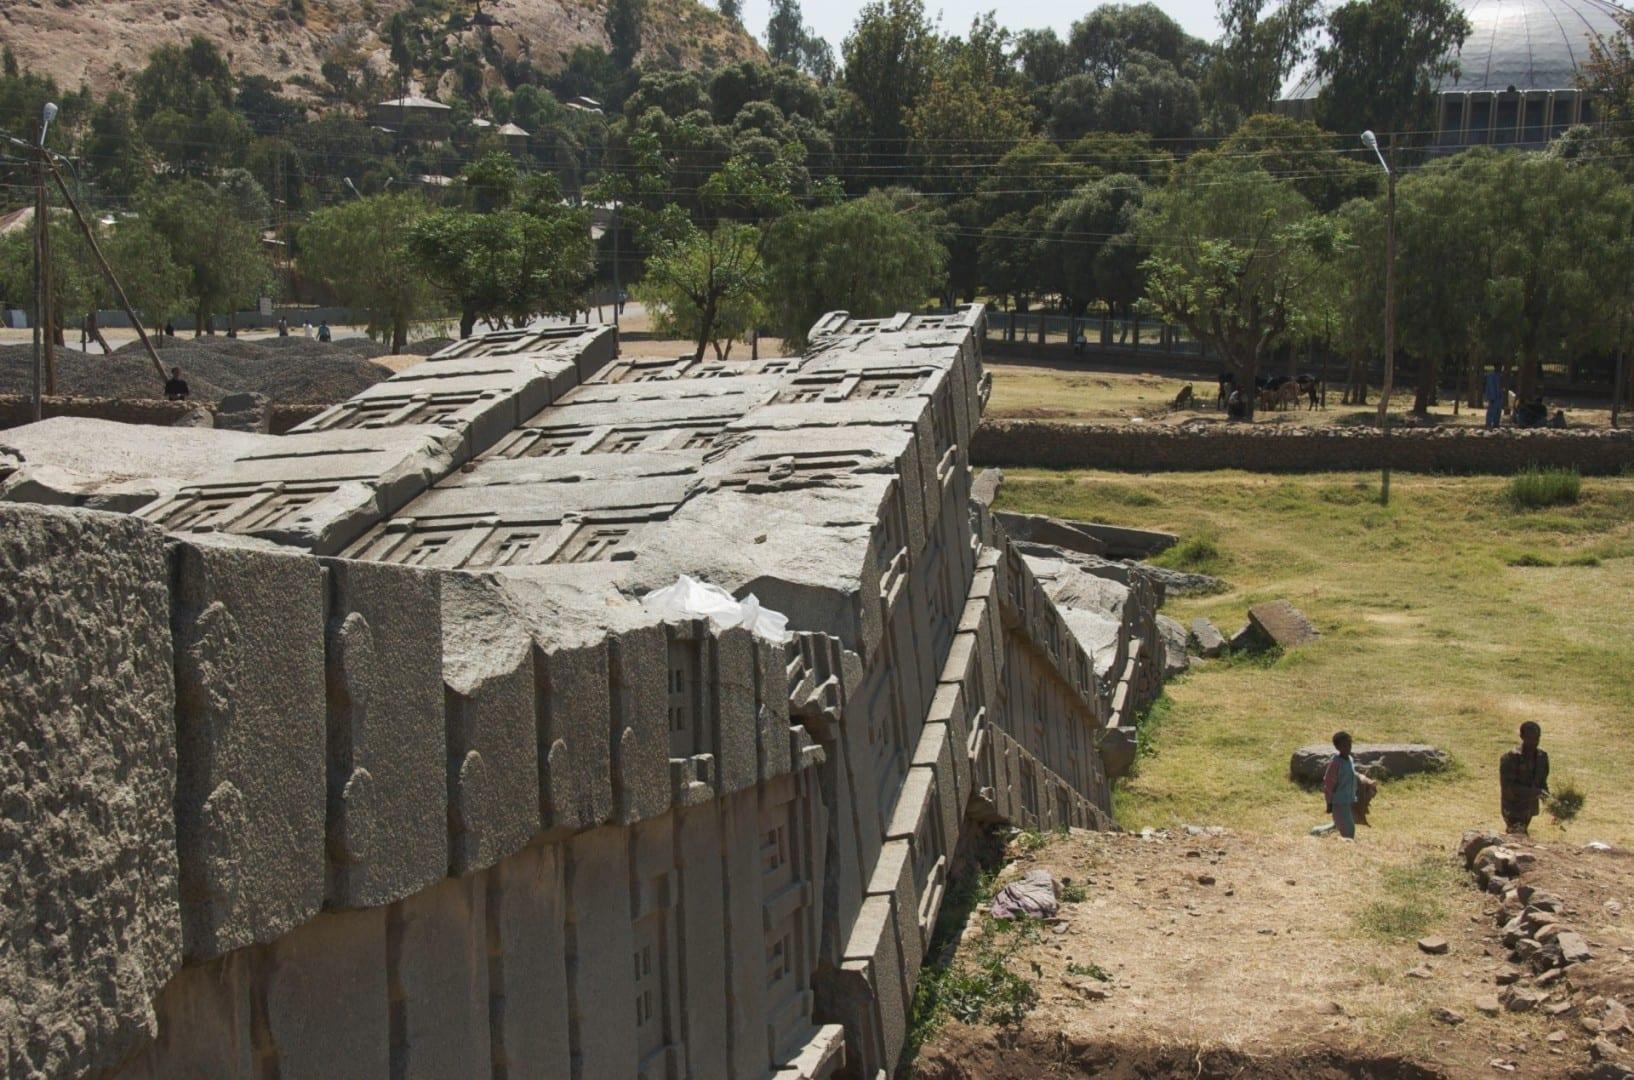 La Gran Estela pesaba más de 500 toneladas cuando fue extraída y vestida a 4 km de distancia - ¡¿cómo se movió?! Axum Etiopía